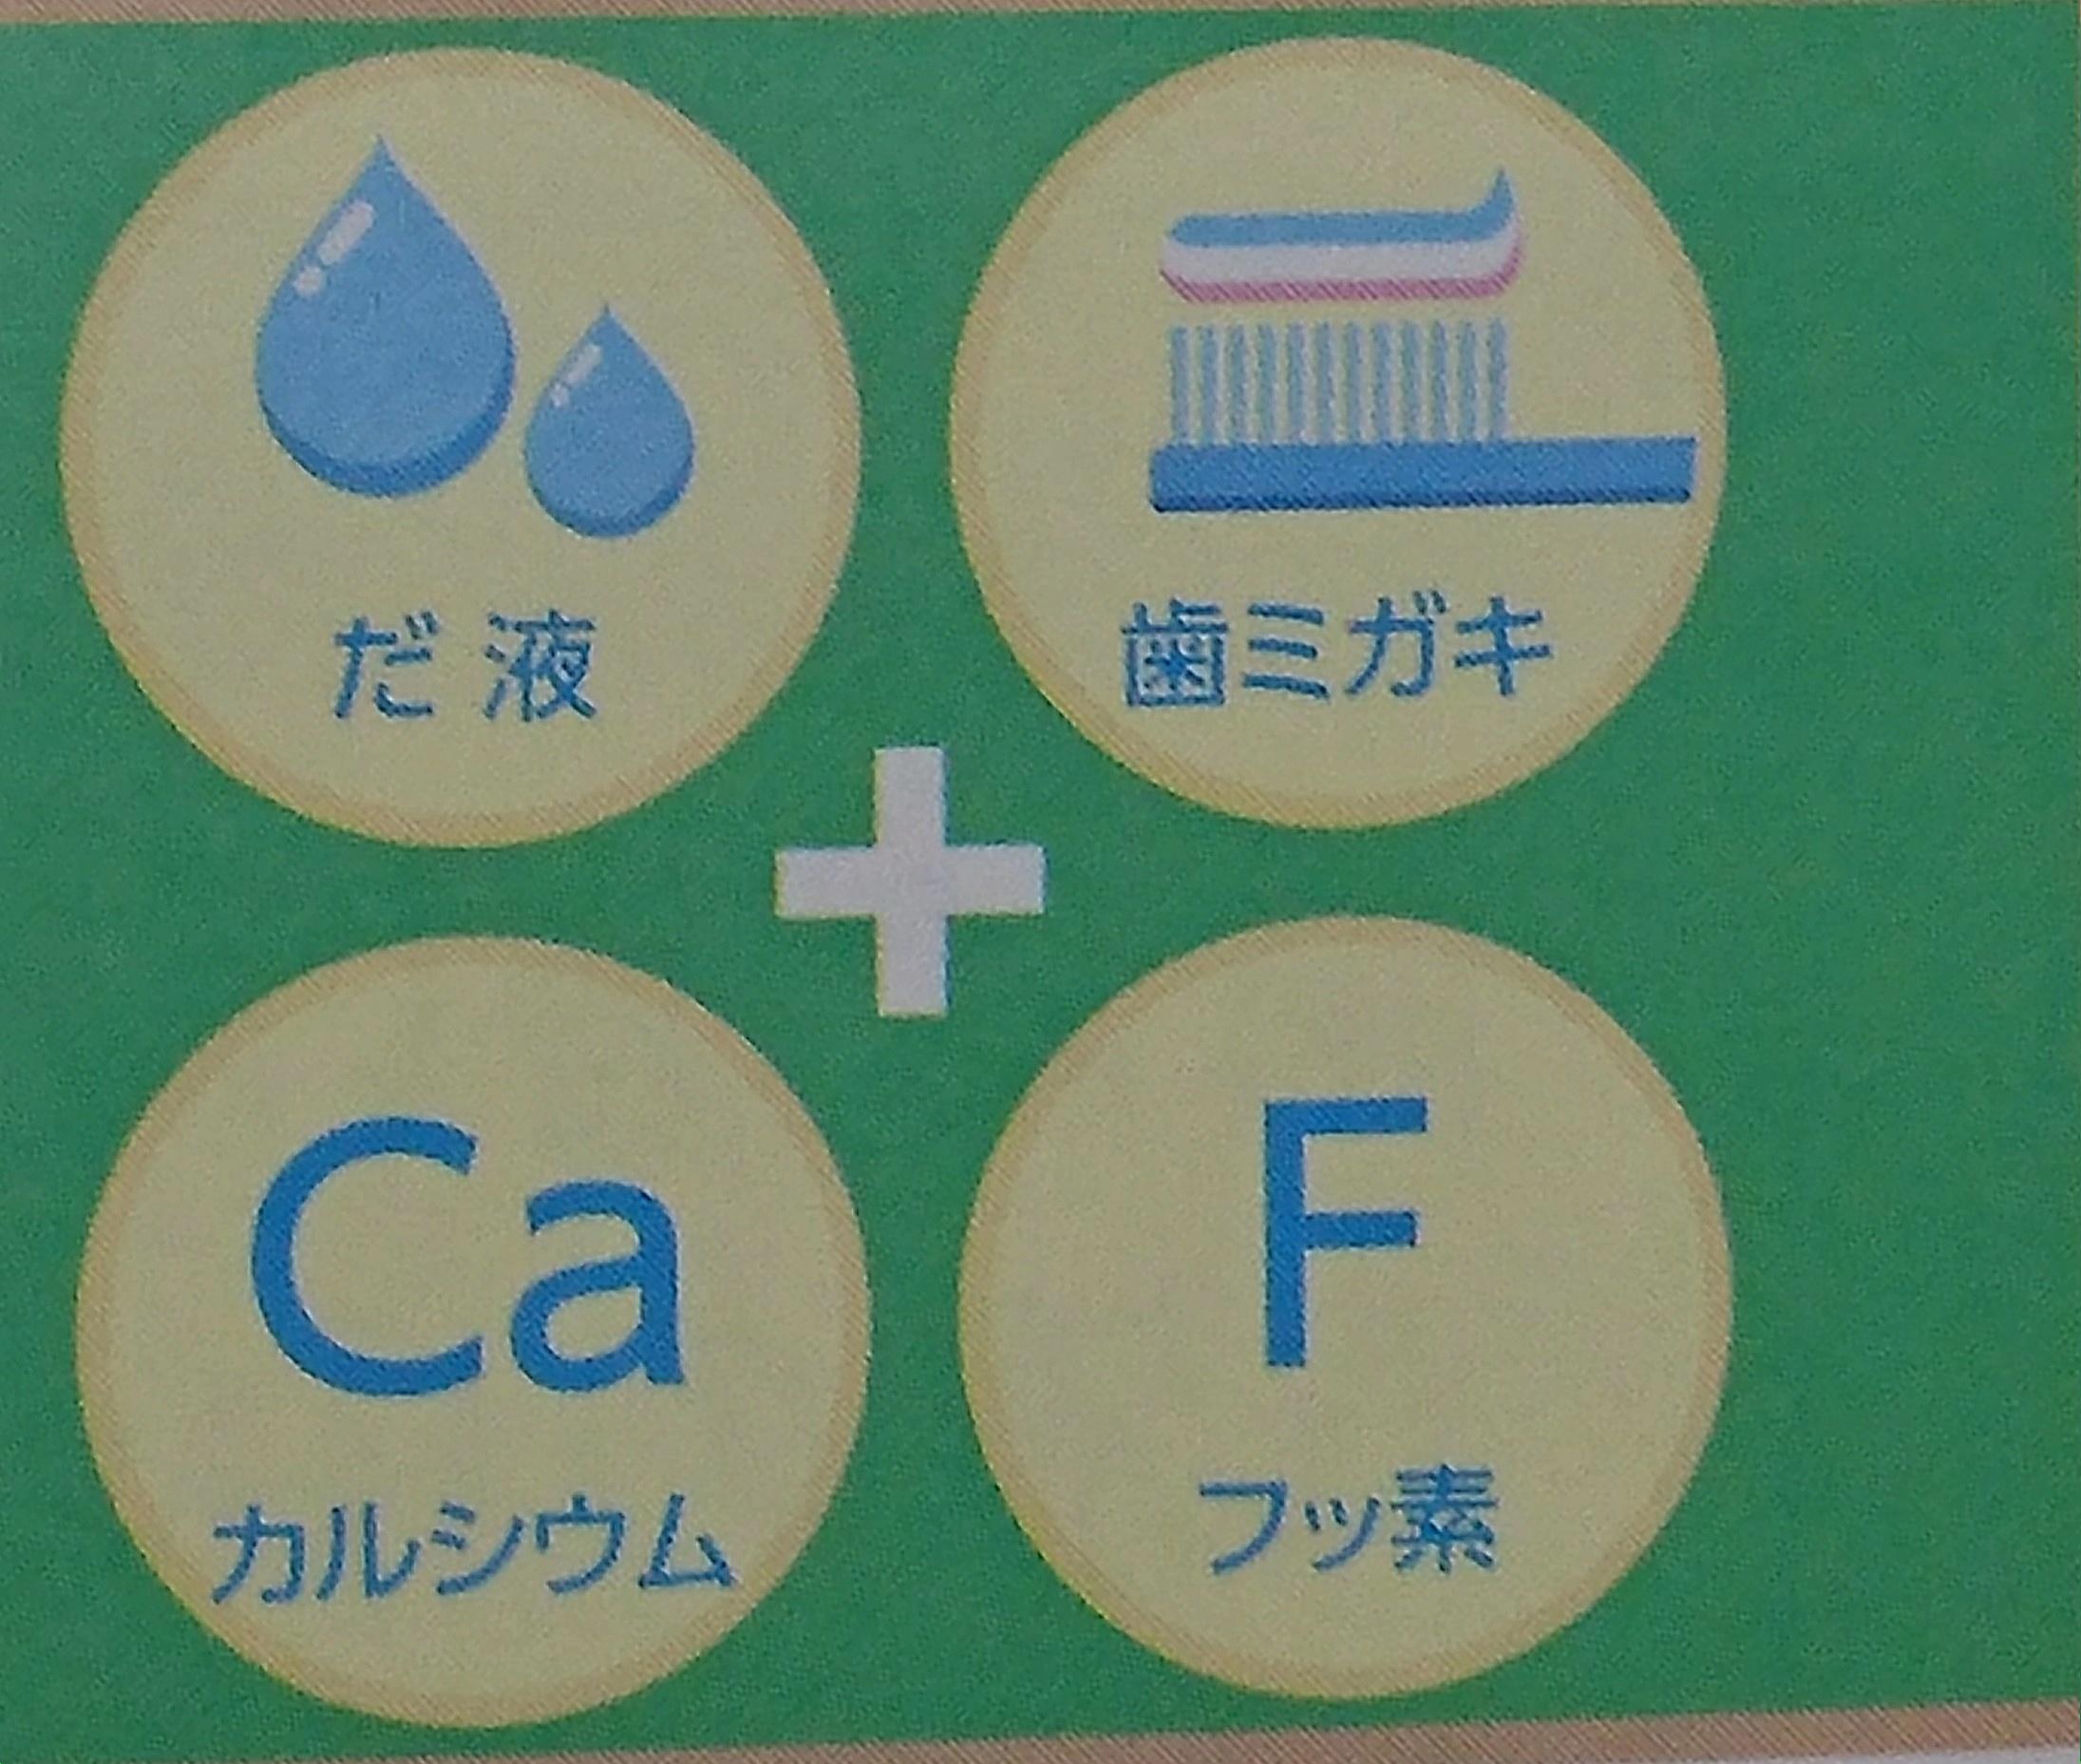 カルシウム フッ素 唾液 歯磨き